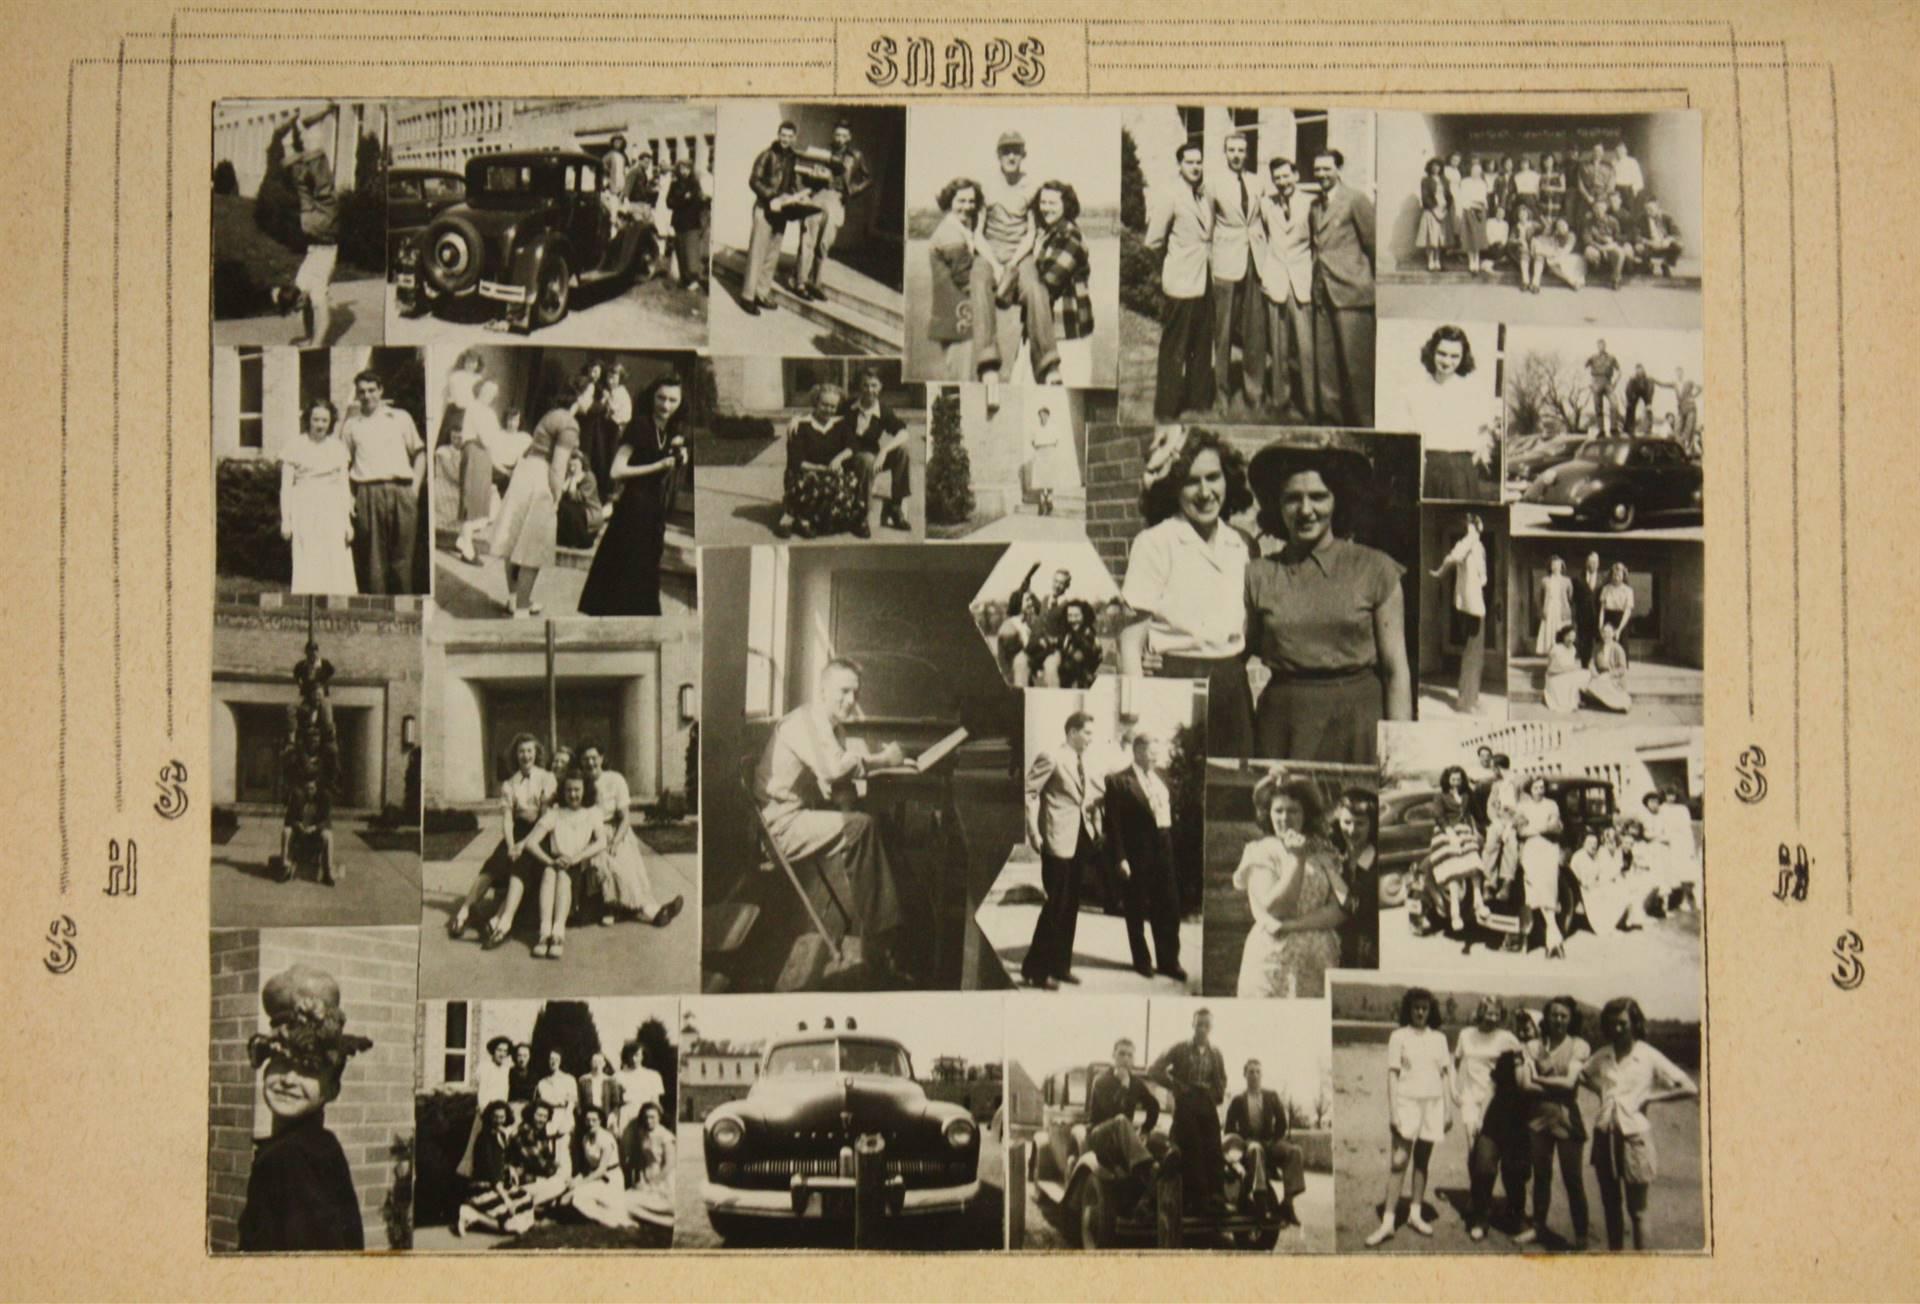 1949 snaps